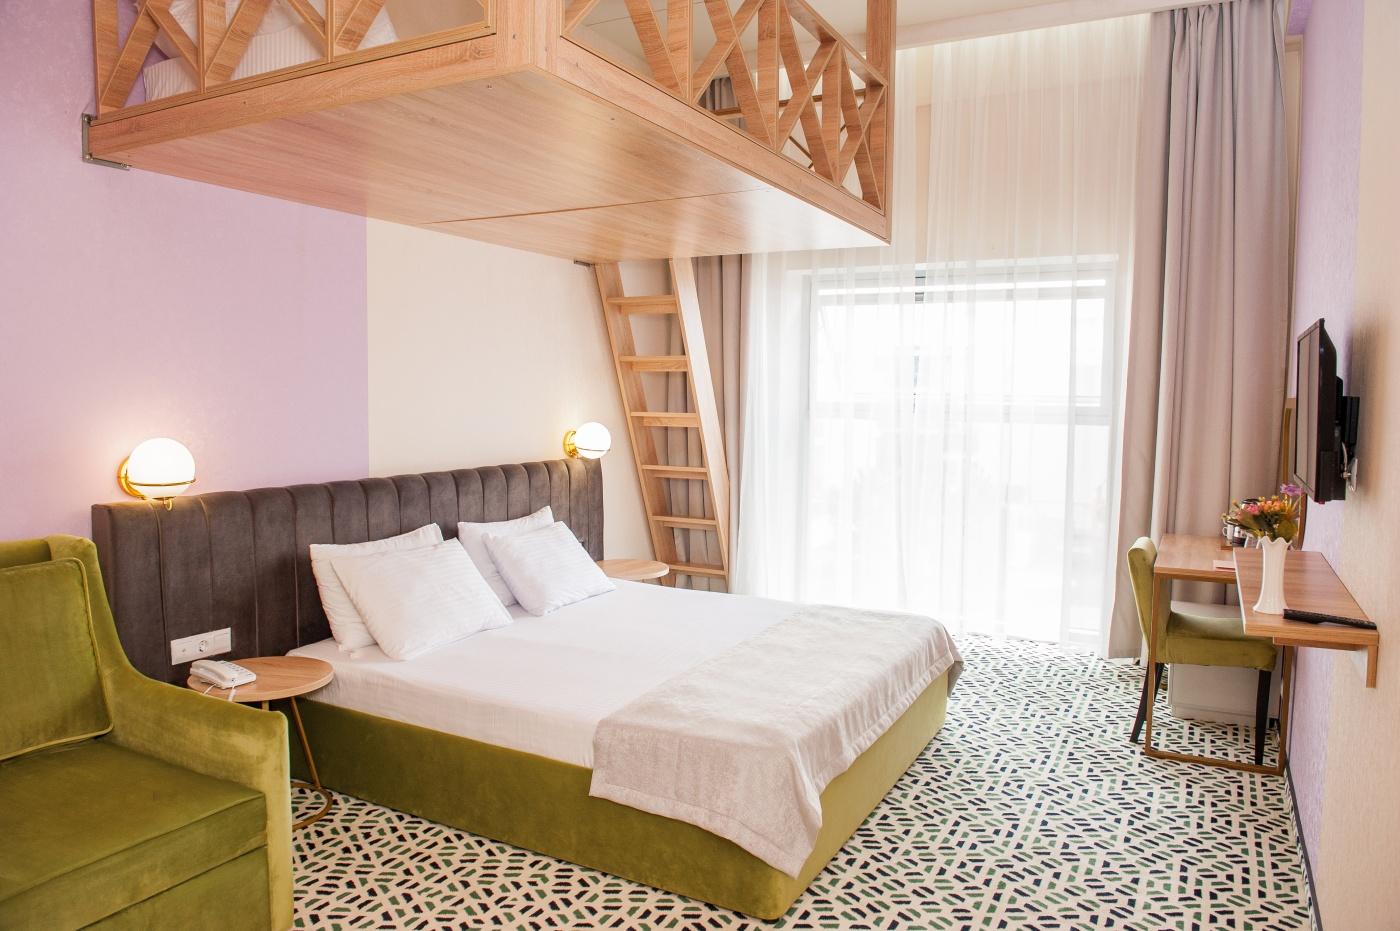 Отель «Aurum Family Resort & Spa» Краснодарский край Junior suite 2-местный , фото 1